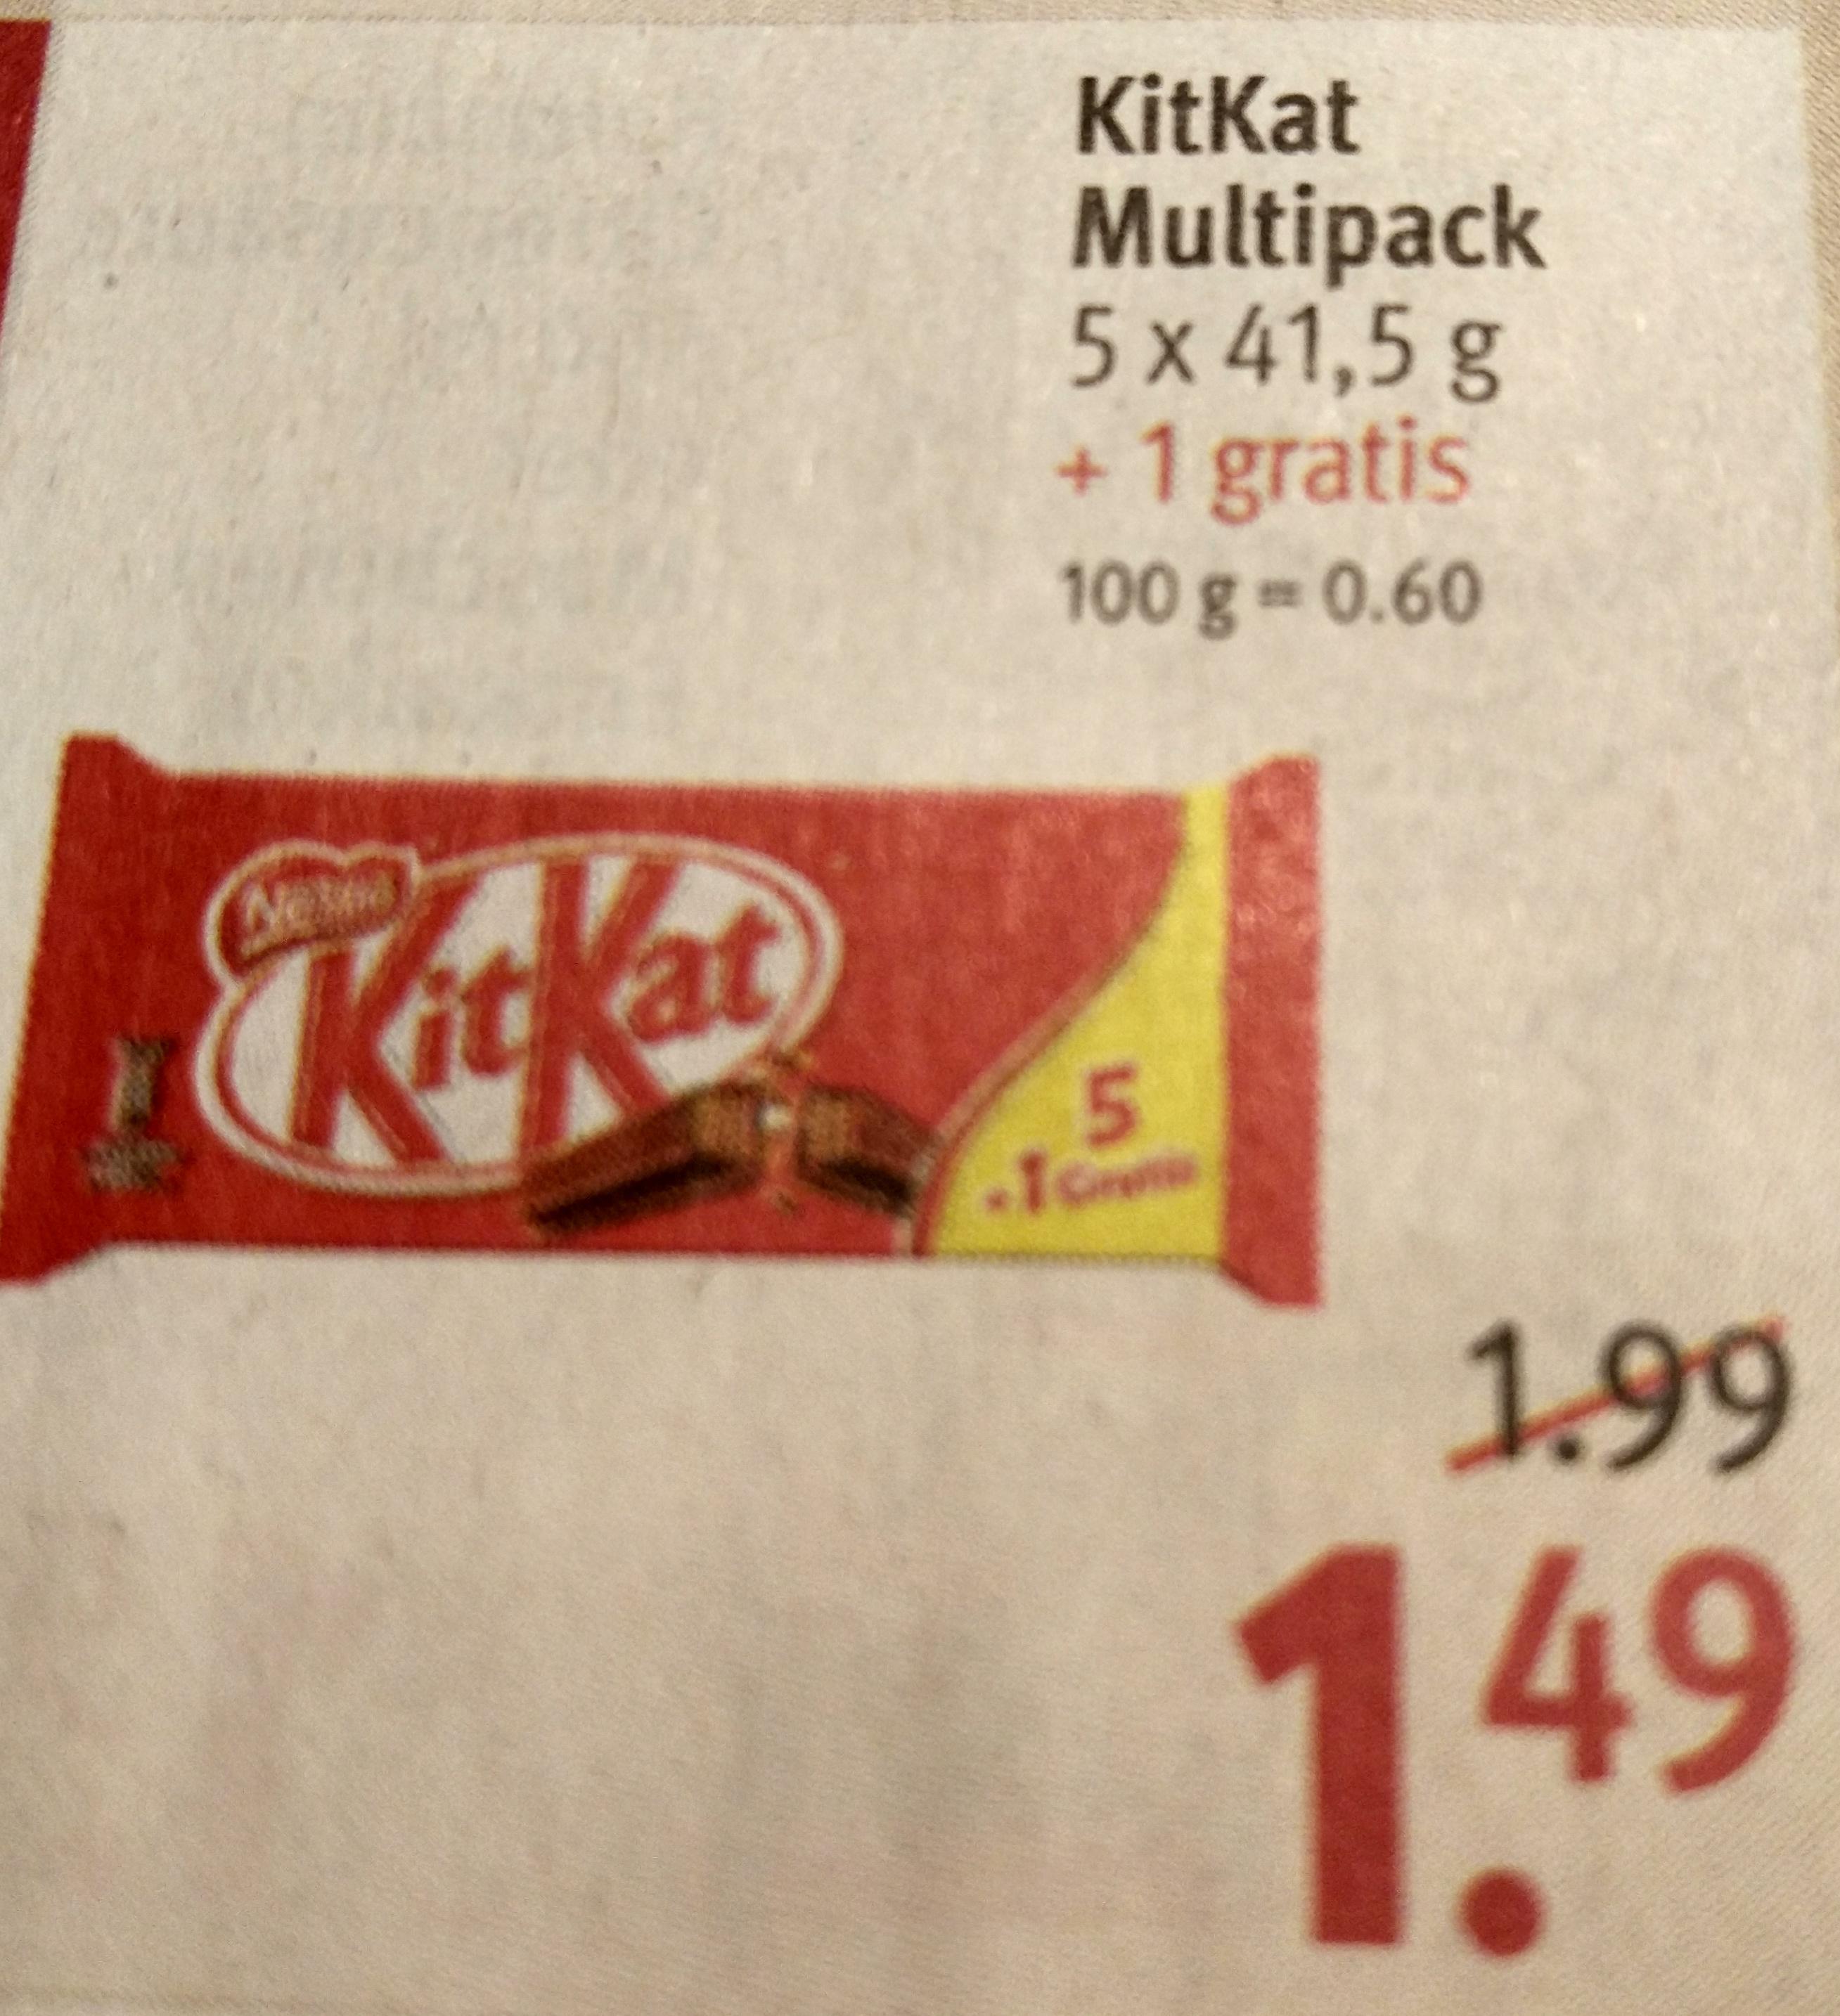 Rossmann - KitKat zum Knallerpreis 5,36€/Kg